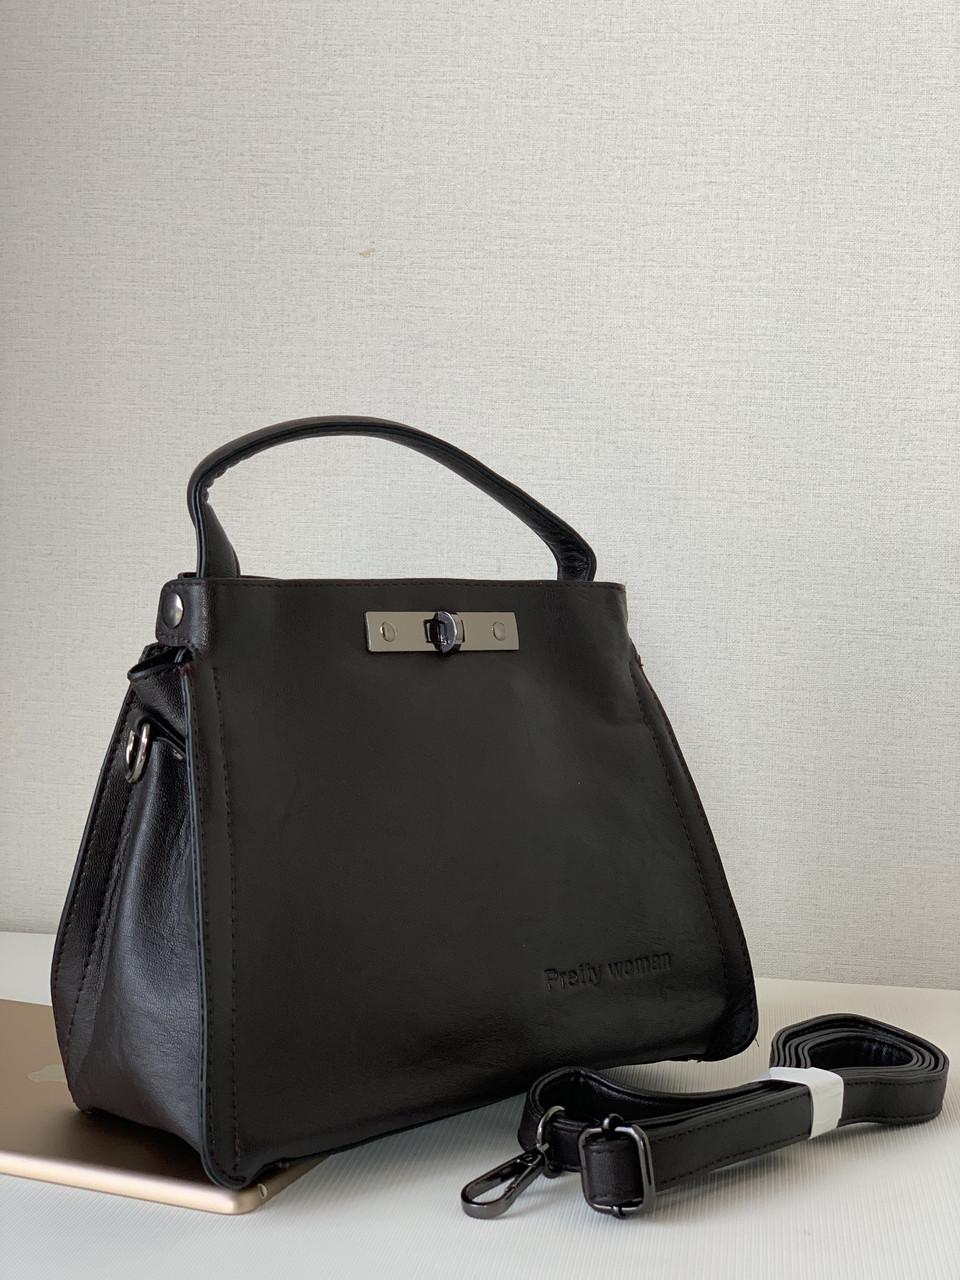 Маленька жіноча сумка темно-коричнева шоколадного кольору через плече кроссбоди Pretty Woman